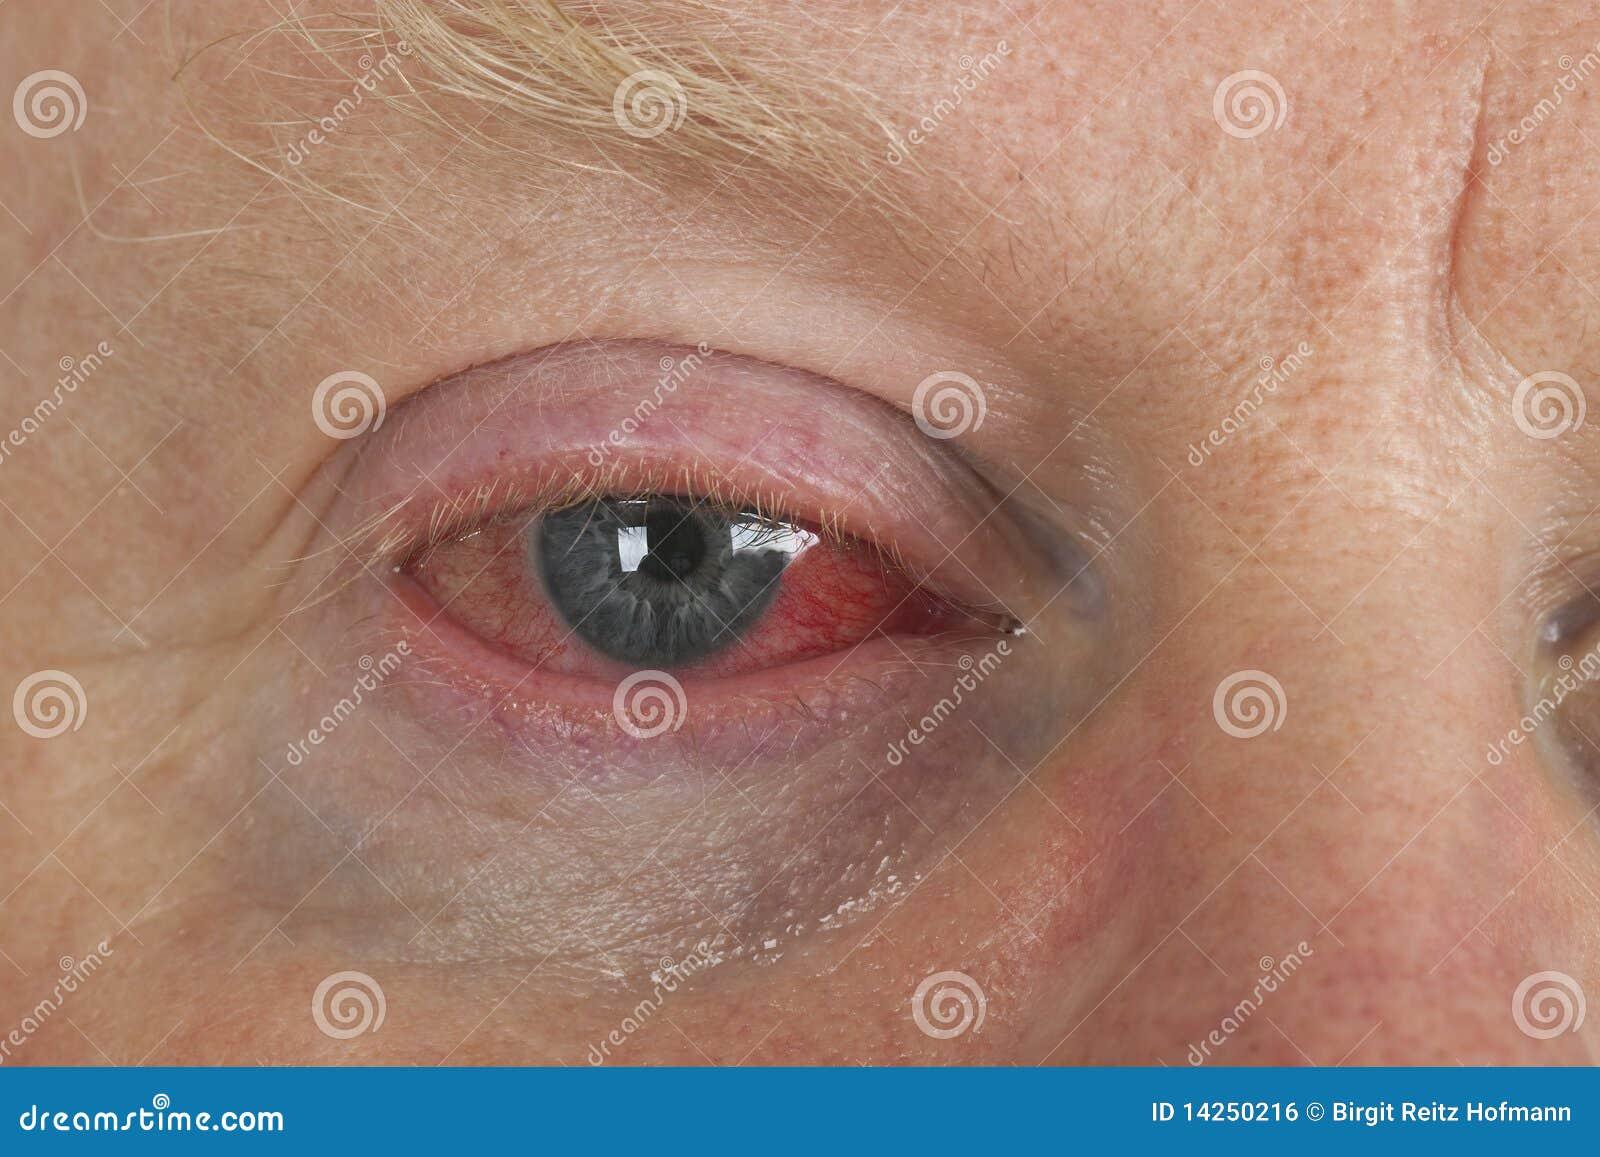 Oeil injecté de sang